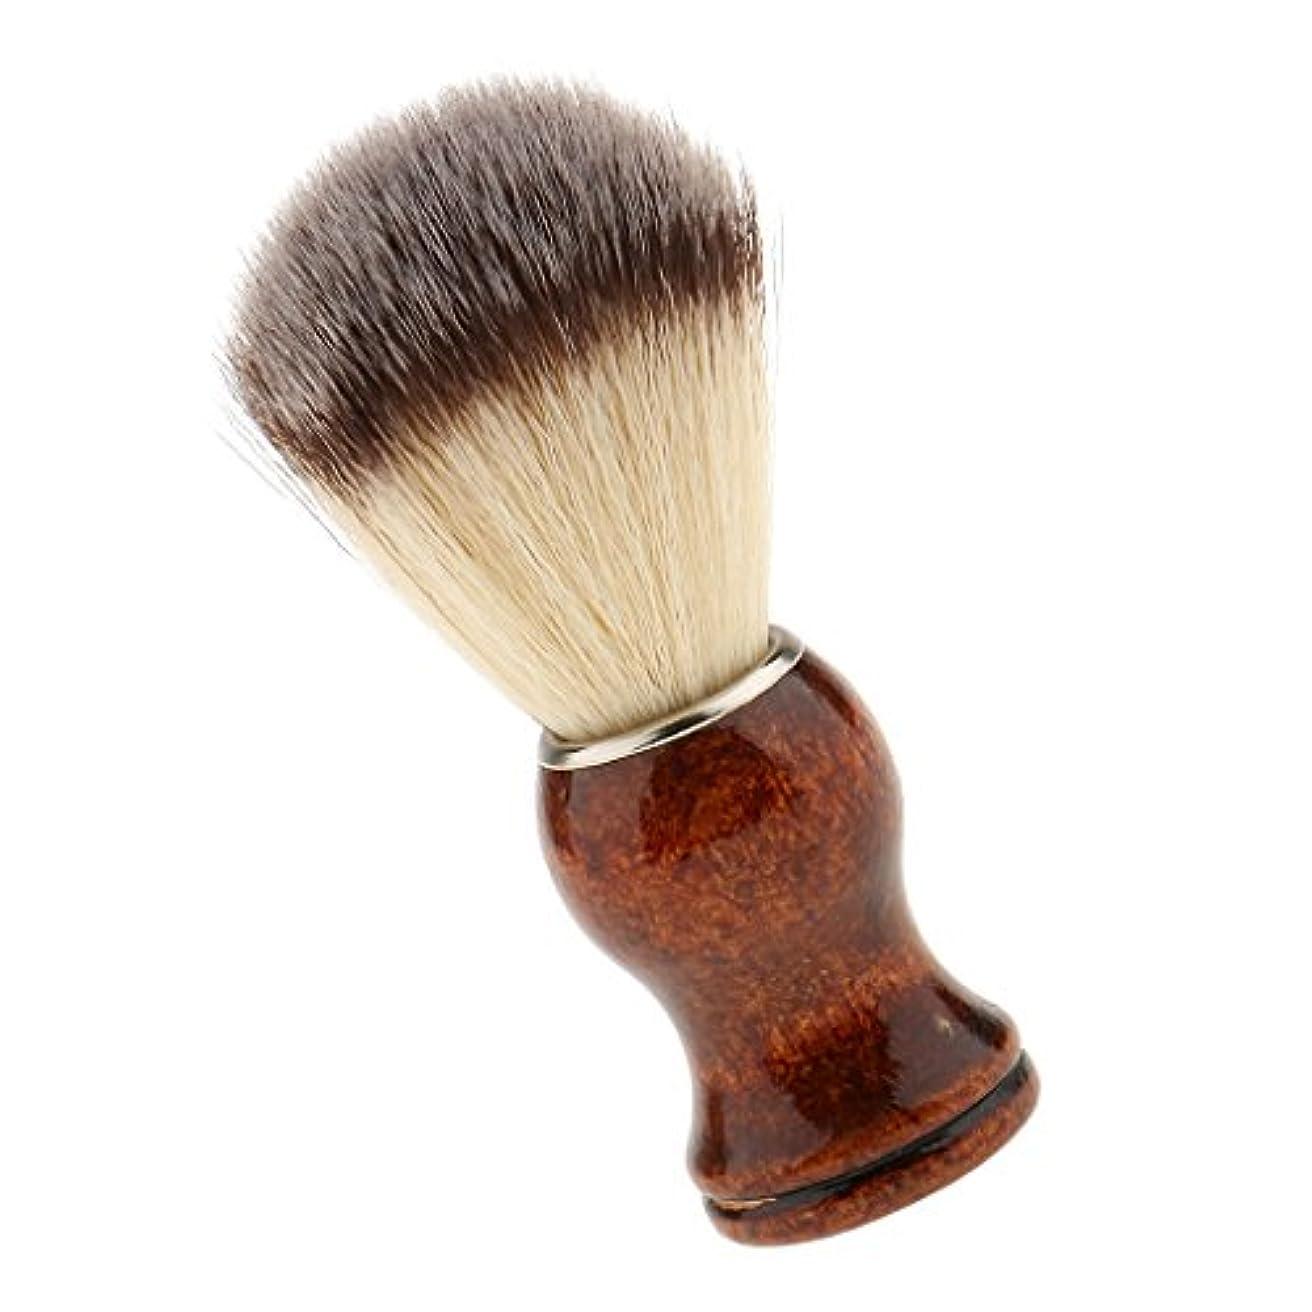 アレイラジエーター象SONONIA サロン 理髪用 ナイロン シェービングブラシ 首/顔 散髪整理  泡たてやすい ひげブラシ